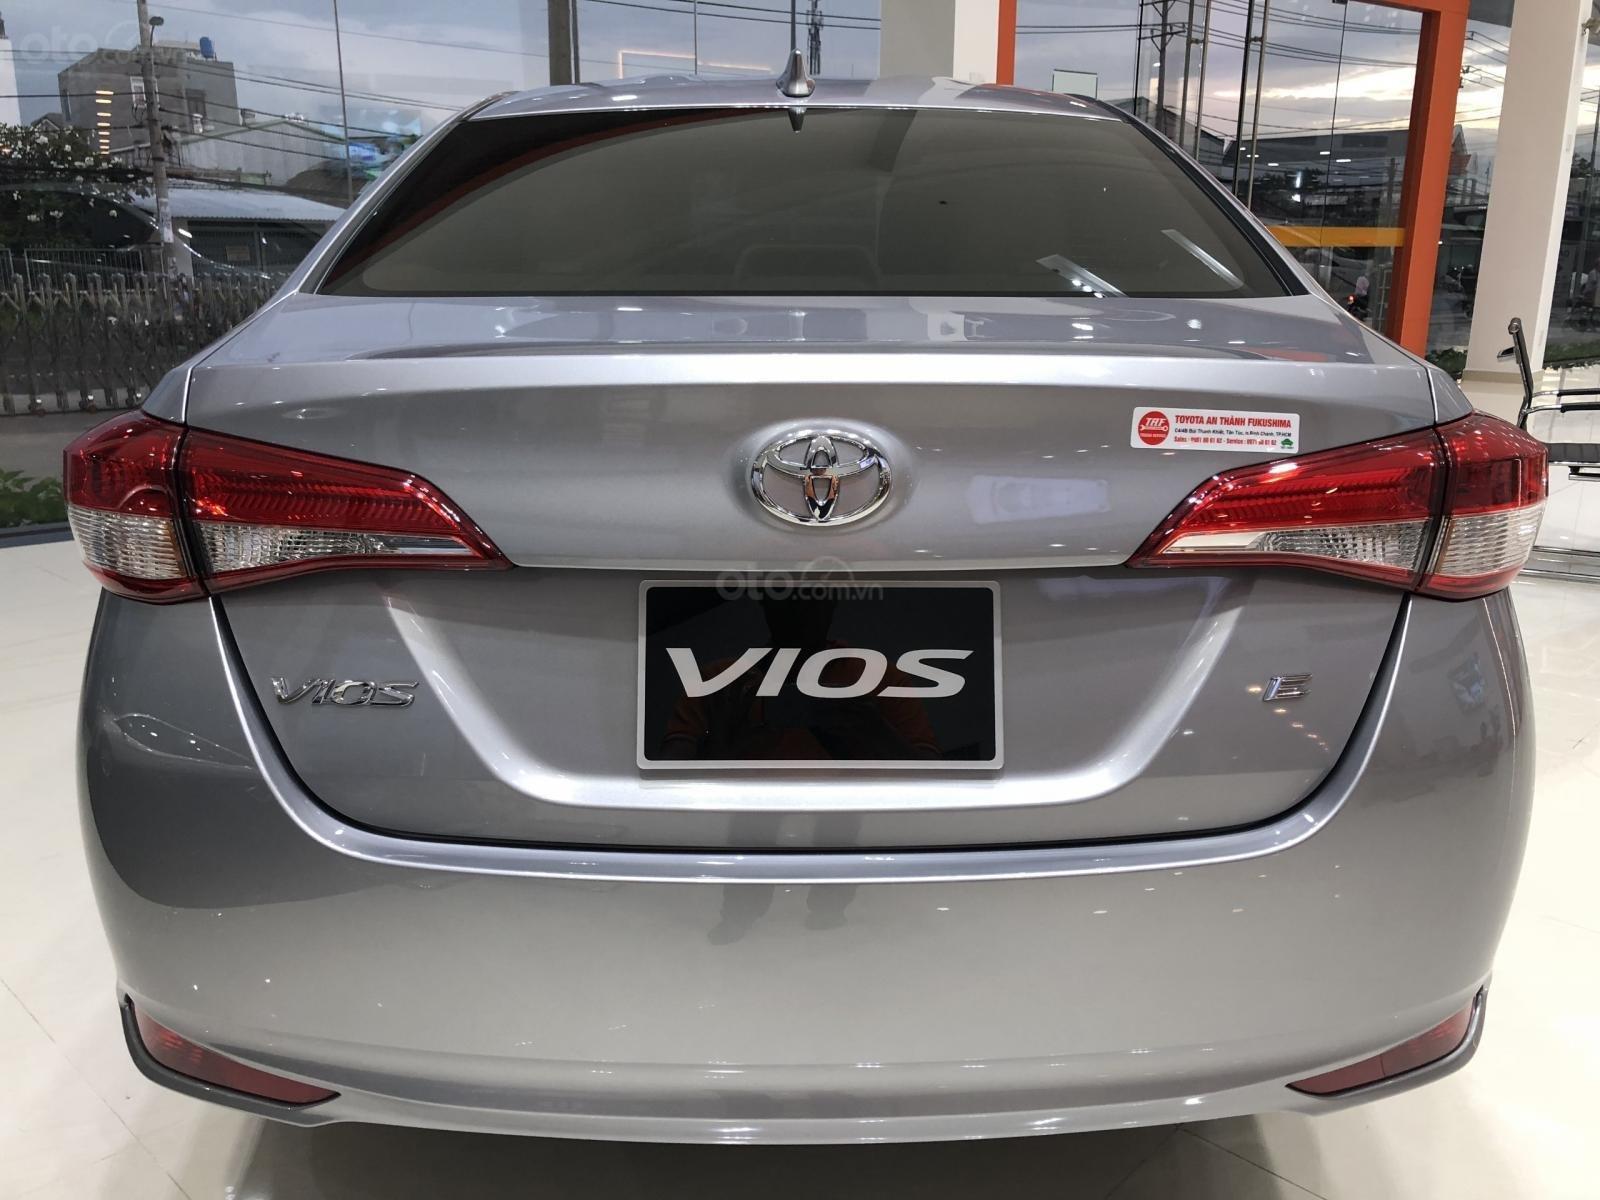 Bán Toyota Vios 1.5E - Tặng: DVD, camera lùi, bọc ghế + 35 triệu + Rất nhiều ưu đãi khác nữa-5